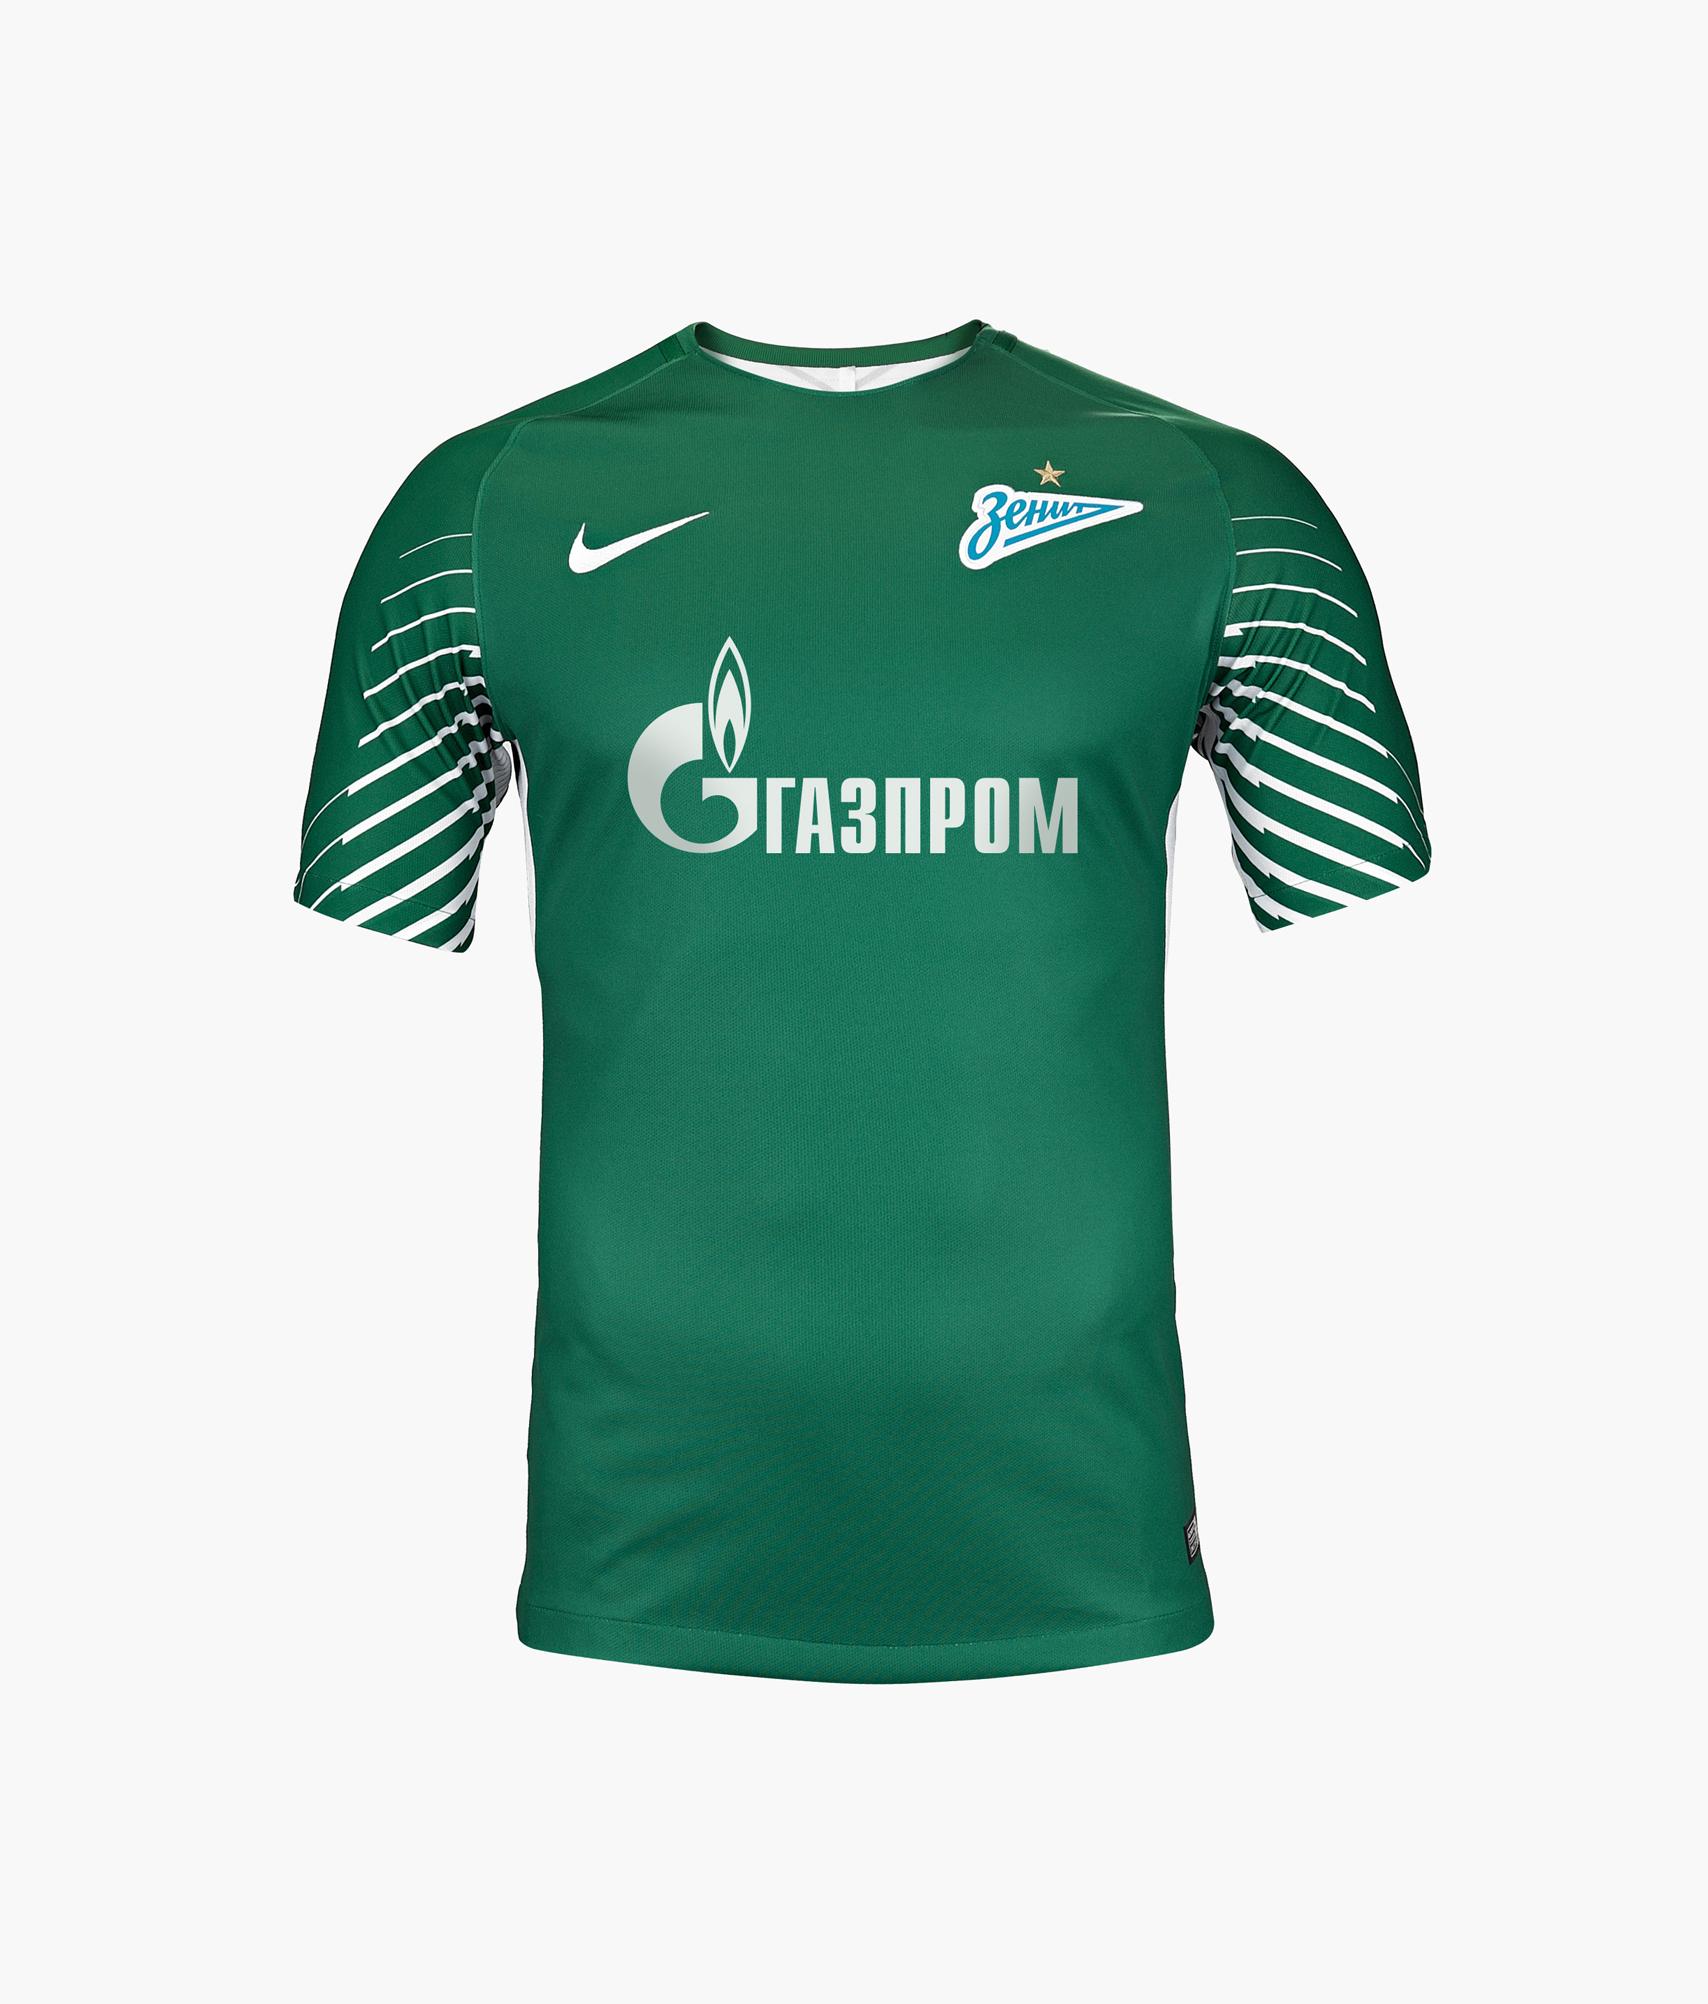 Футболка вратарская Nike сезона 2017/2018 Nike Цвет-Зеленый